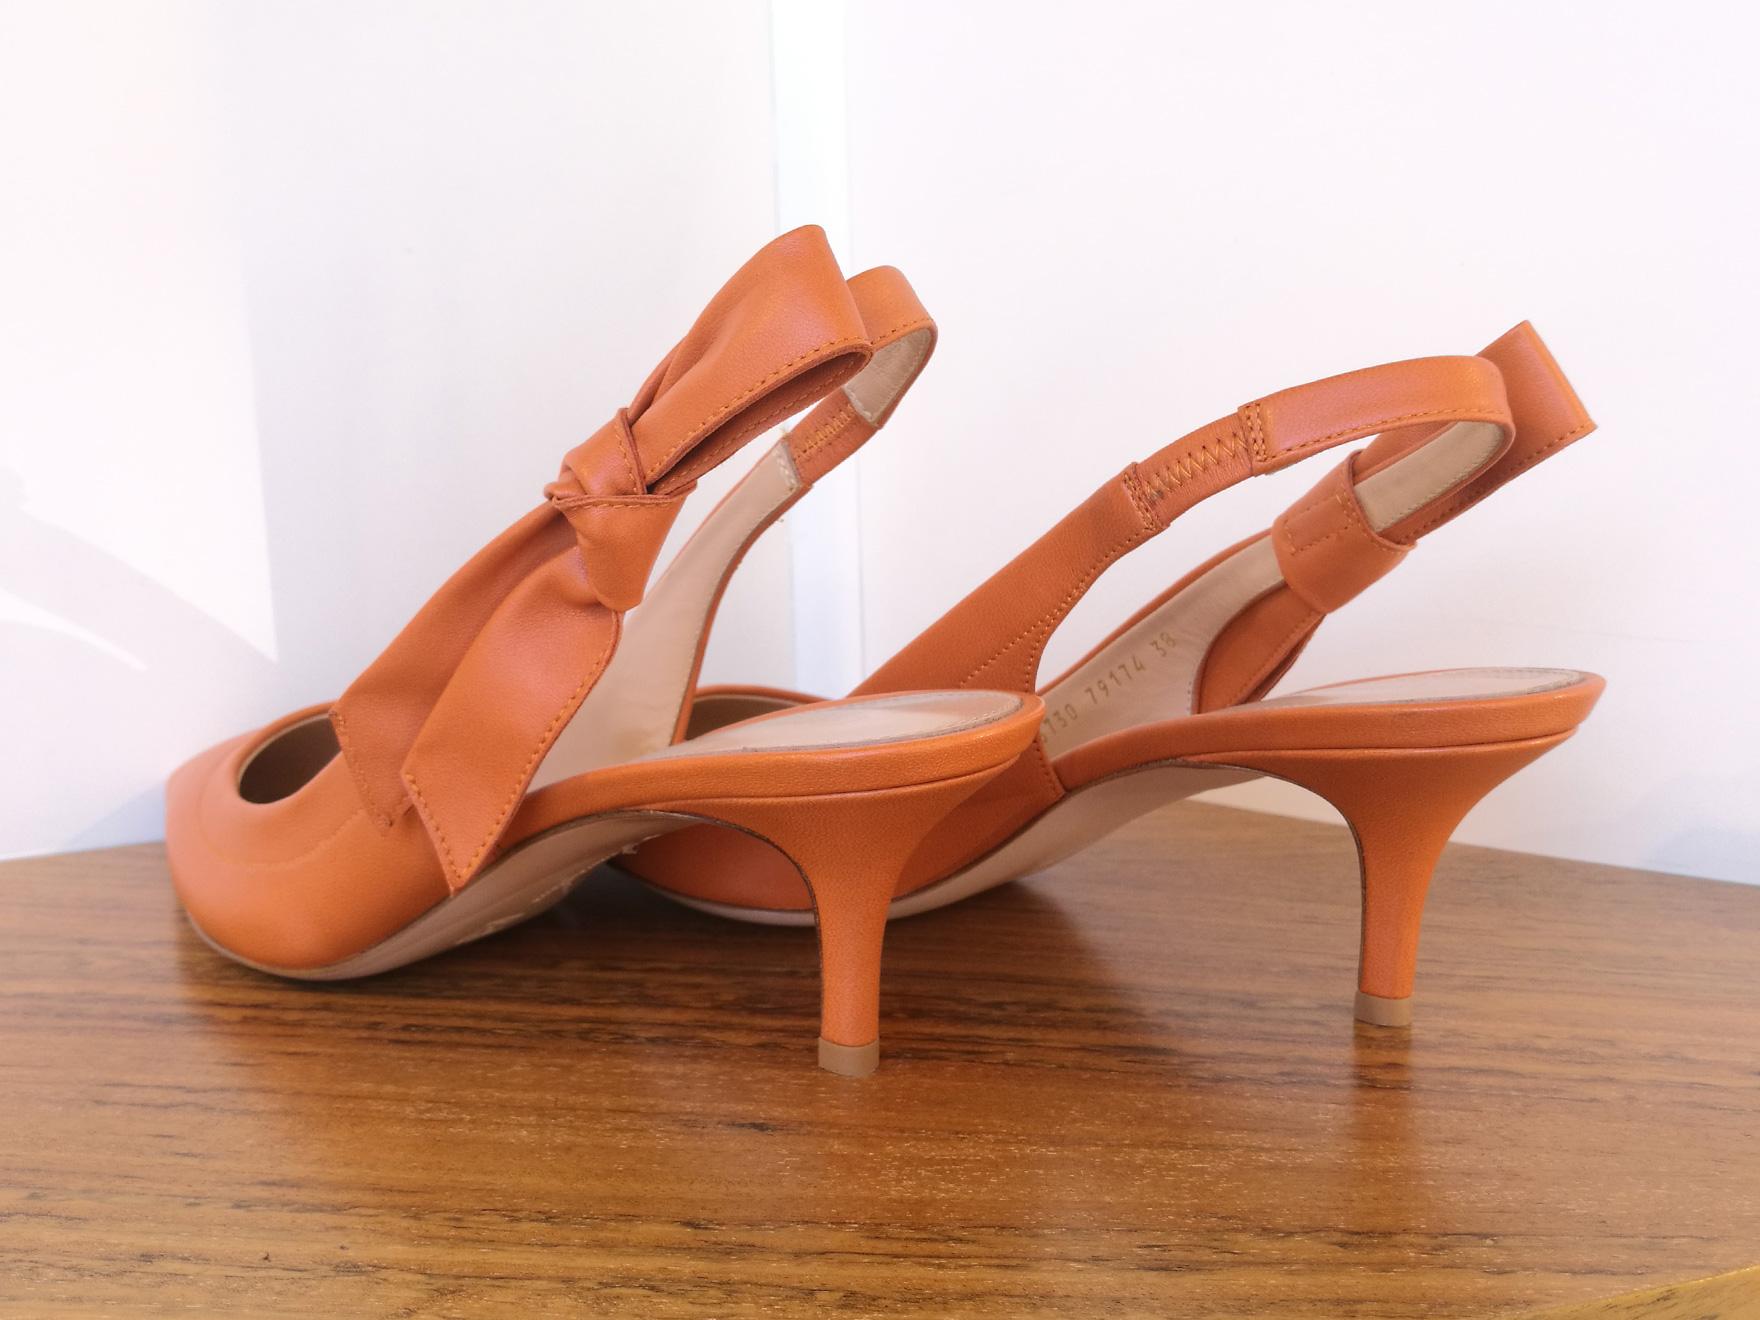 Zapato de salón de GIANVITO ROSSI de napa color naranja, lazo en pulsera y talón descubierto